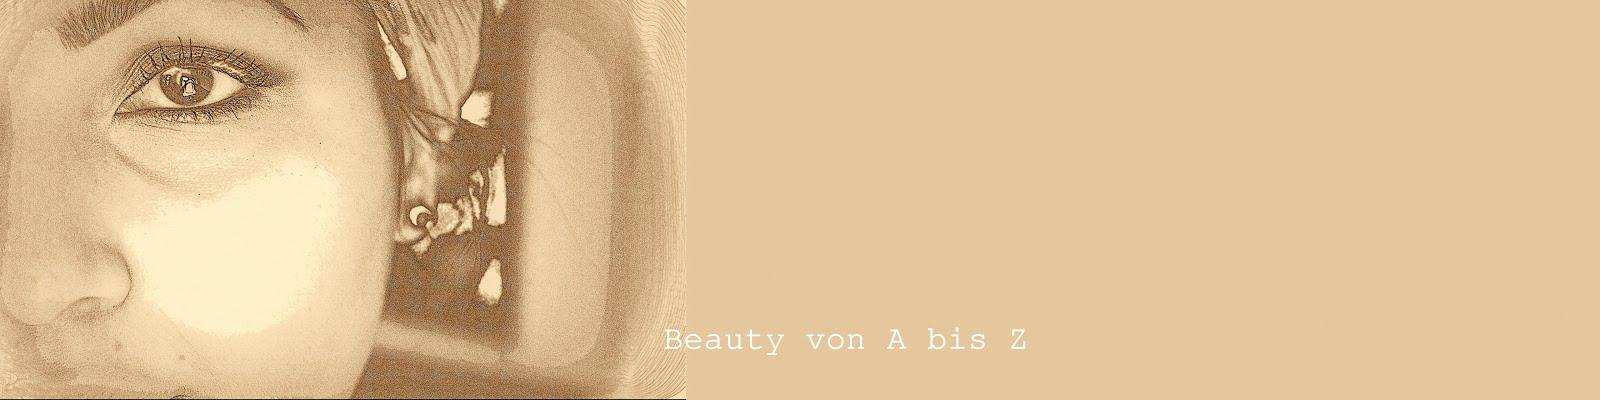 Beauty von A bis Z